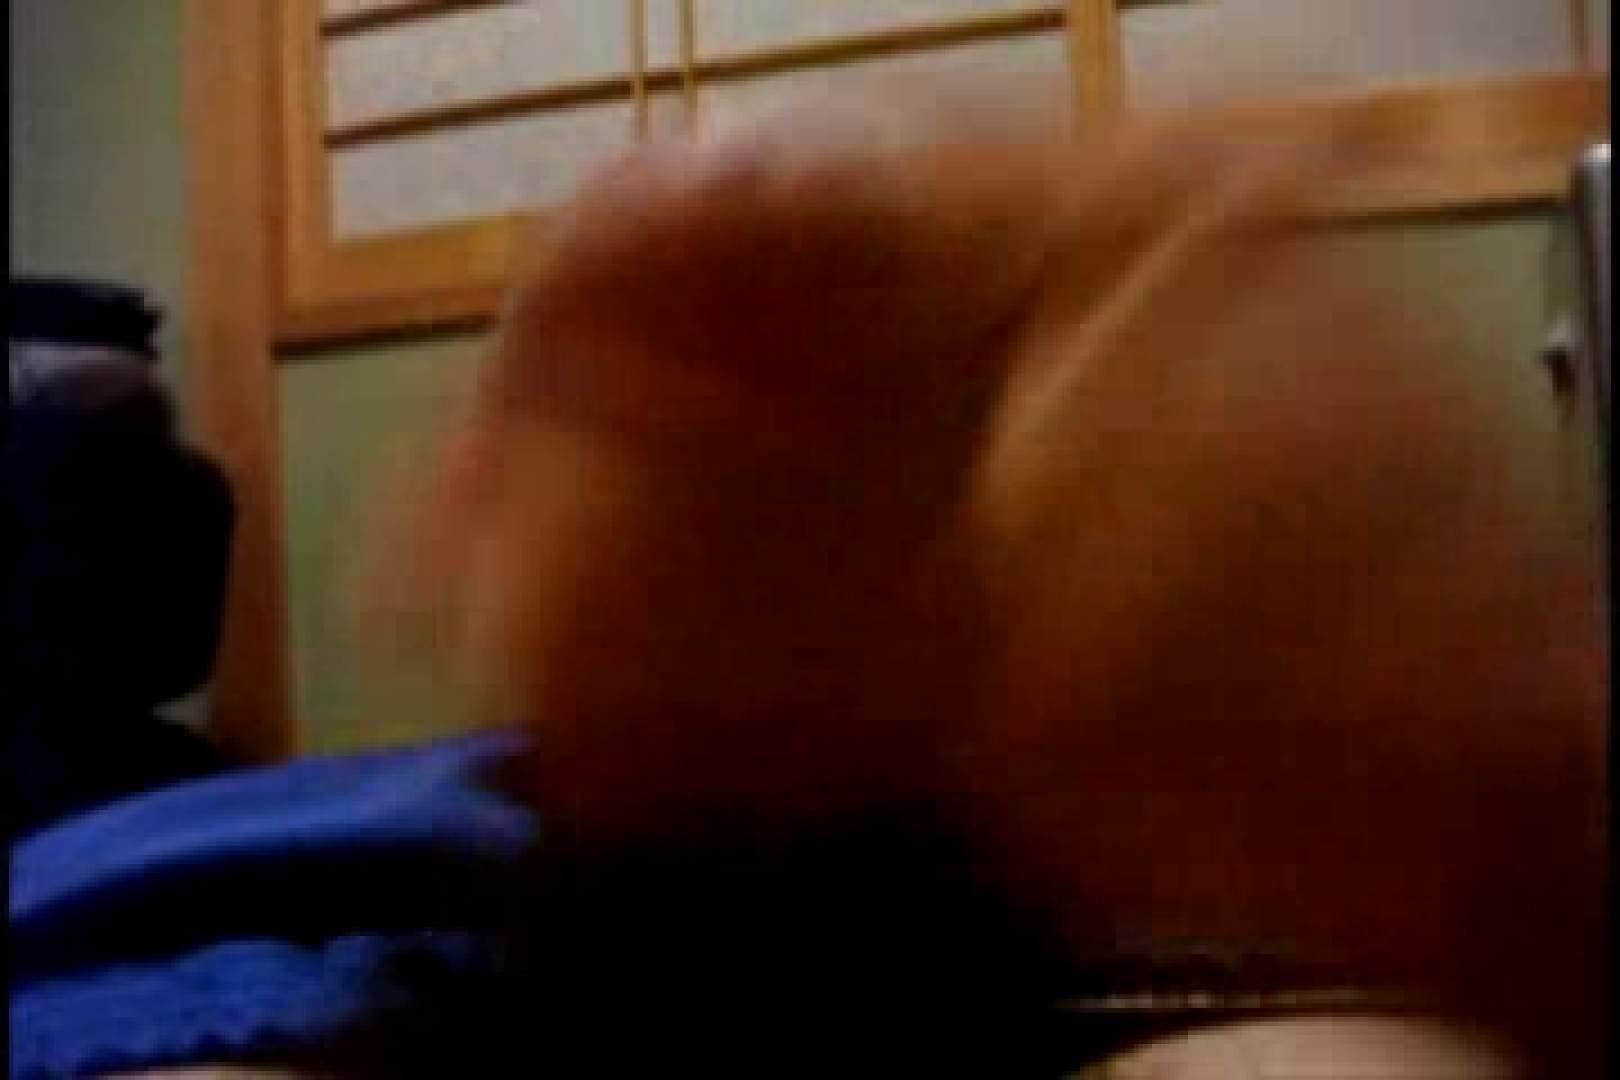 オナ好きノンケテニス部員の自画撮り投稿vol.02 射精 GAY無修正エロ動画 76枚 57